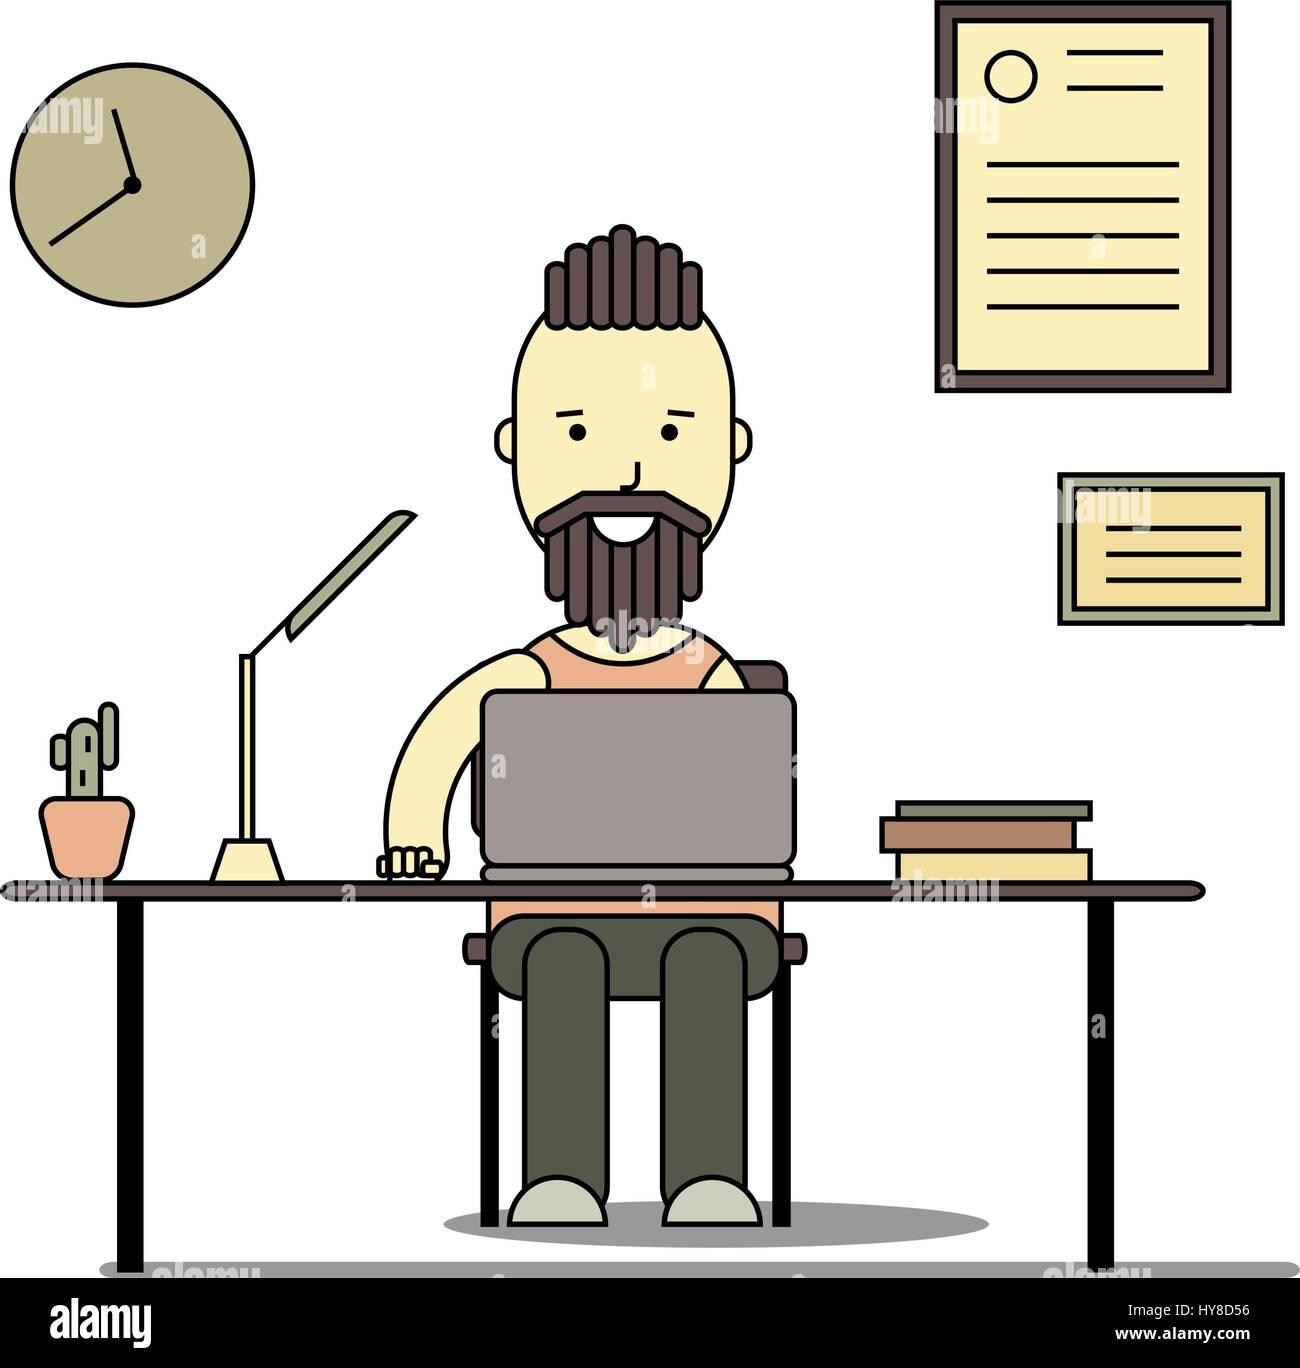 Programmer Cartoon Illustration Programmer Working Stockfotos